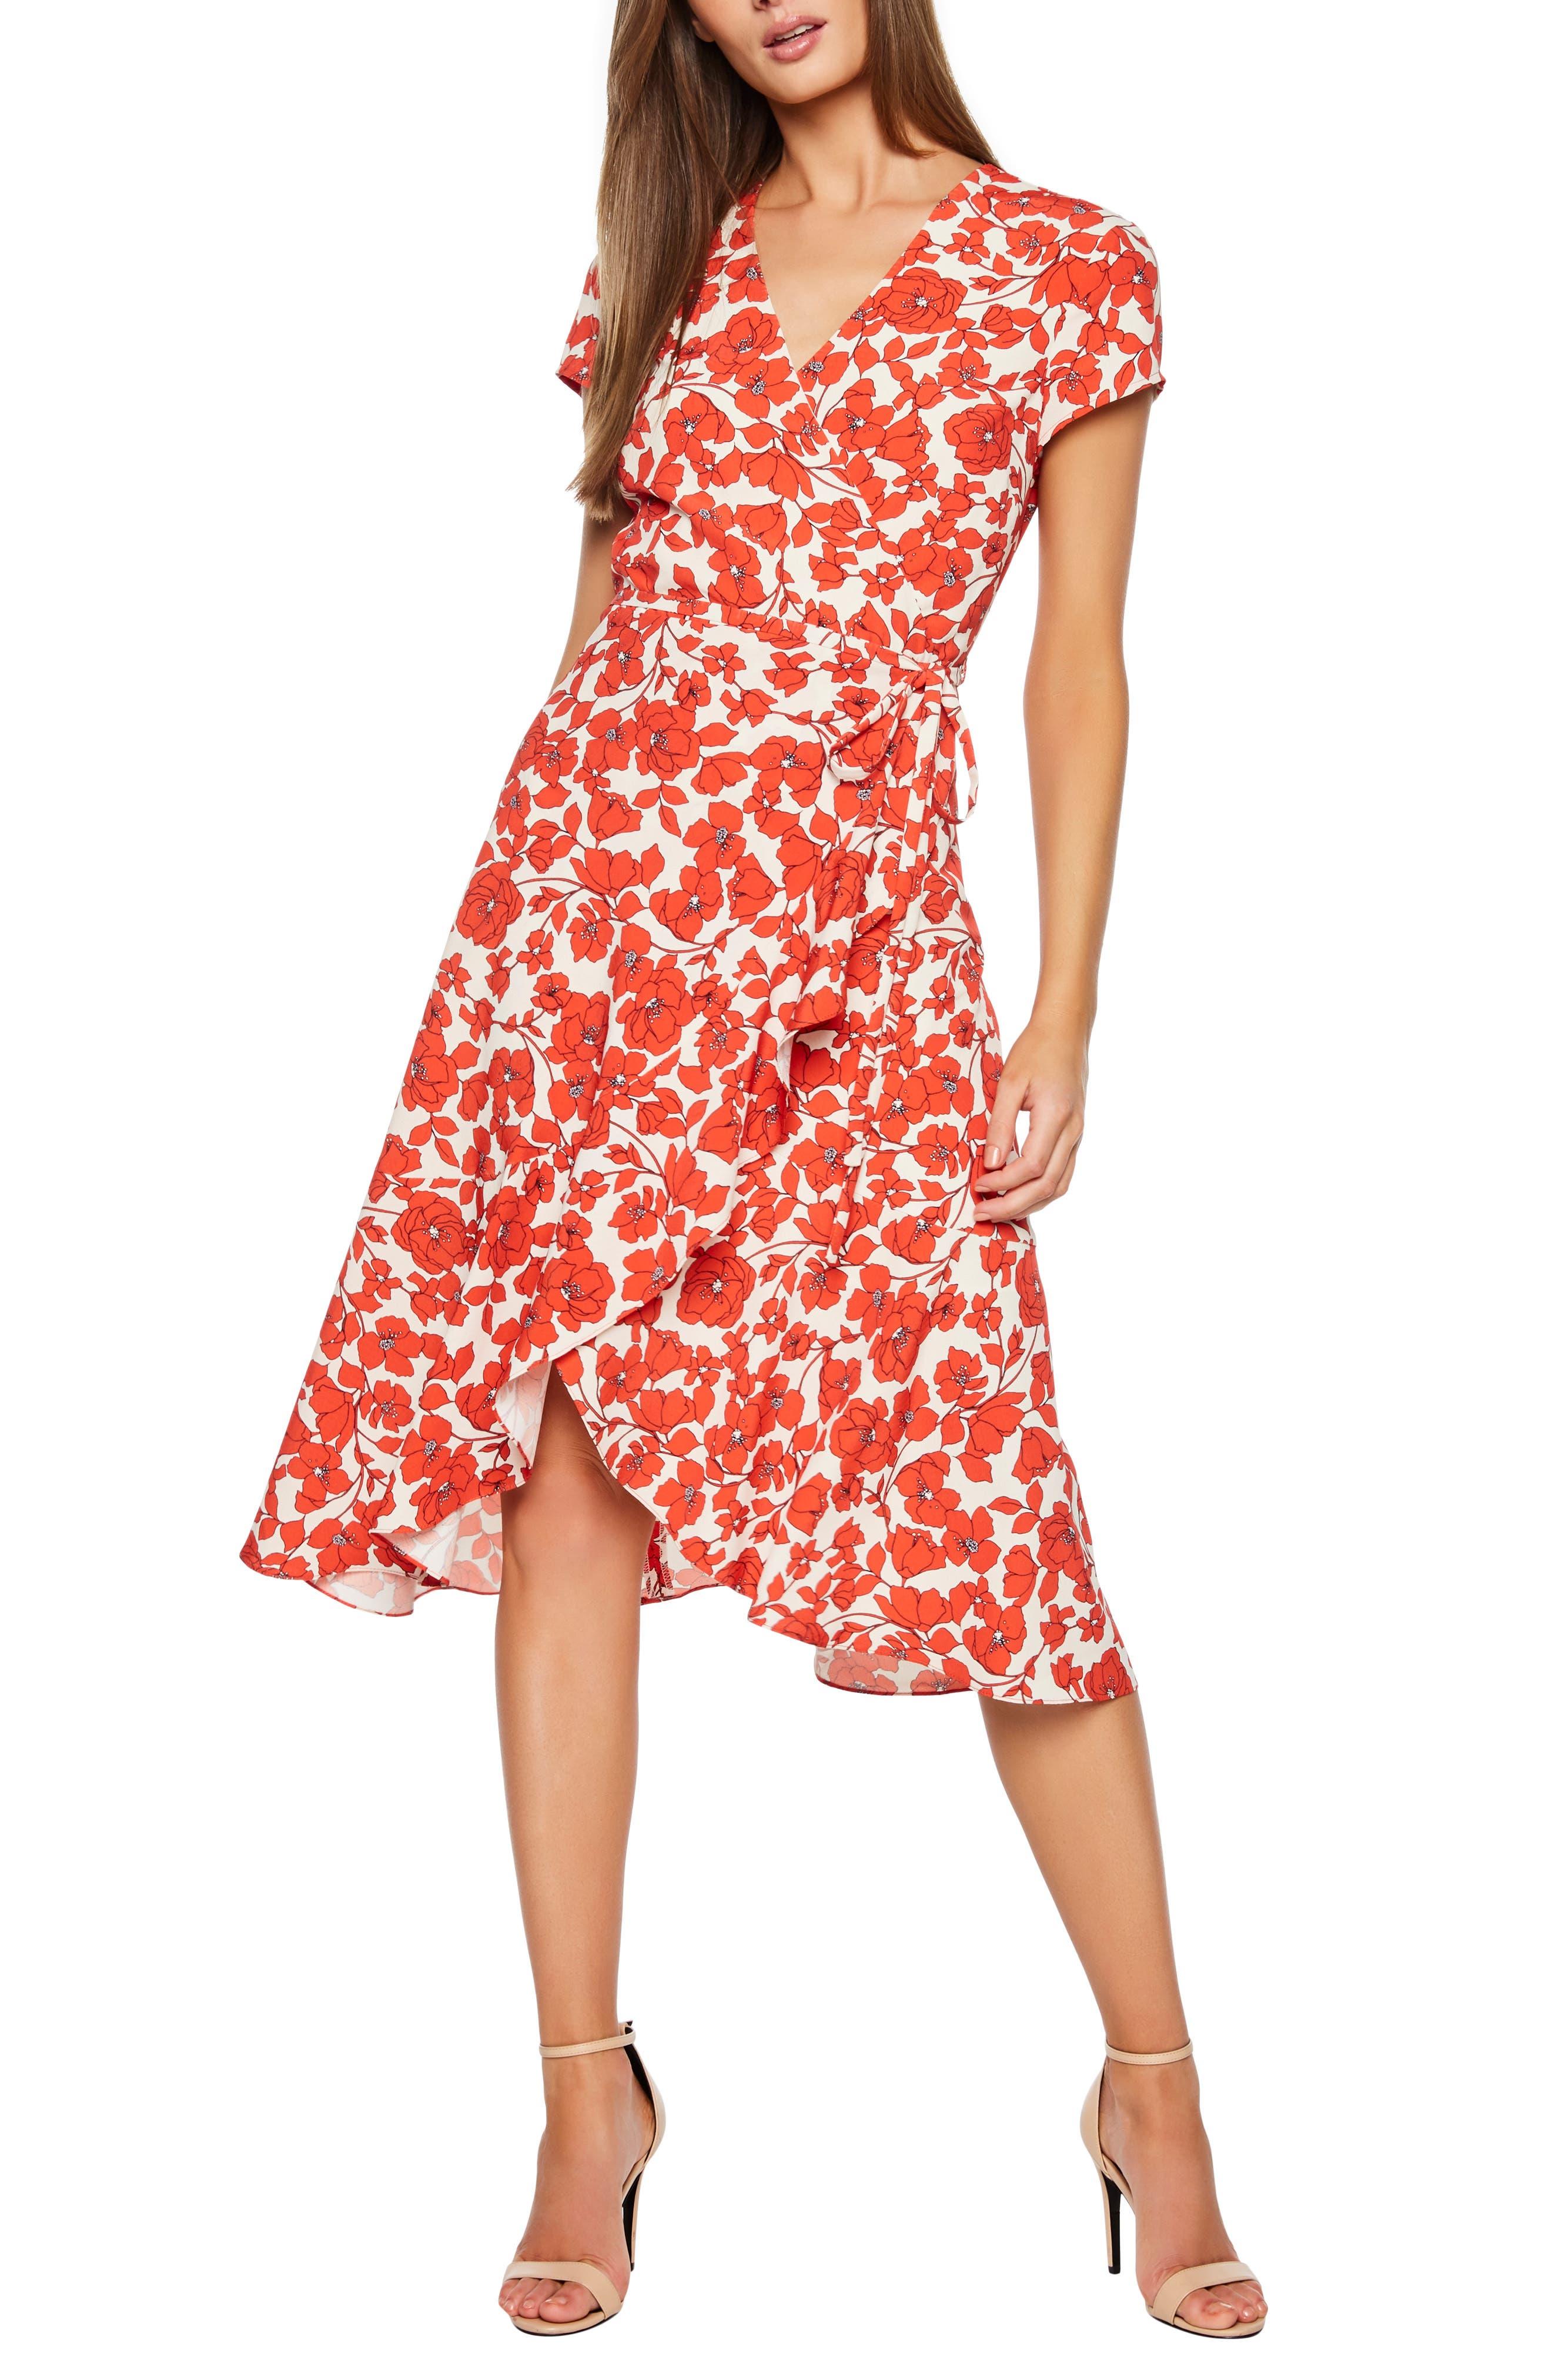 BARDOT, Fiesta Floral Midi Dress, Main thumbnail 1, color, 800